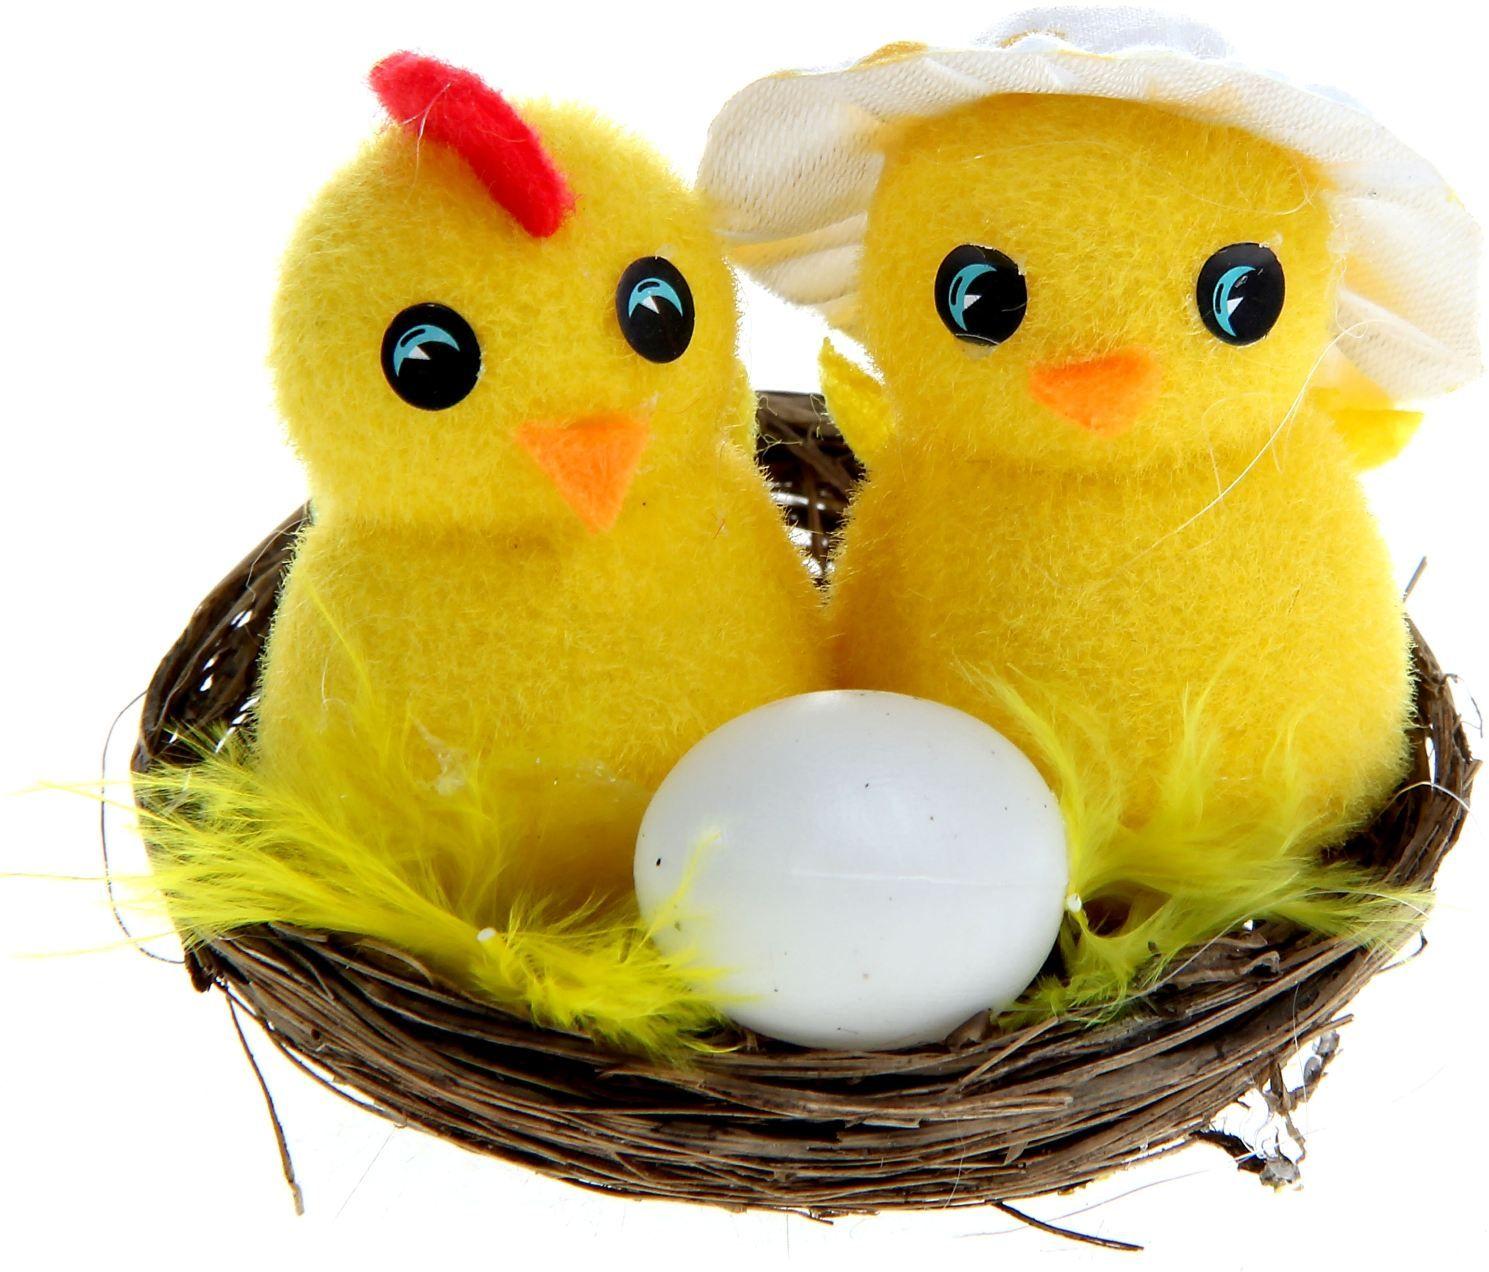 Сувенир пасхальный Sima-land Парочка в шляпке с яйцом, 7 х 7 х 5,5 см1404E-4355Сувенир Парочка в шляпке с яйцом - самый популярный пасхальный декор. Фигурками цып принято декорировать праздничный пасхальный стол во многих странах мира. Россия не исключение.Вы можете украсить таким замечательным сувениром тарелку гостей, превратив её в гнездо. Или преподнести его в качестве подарка близкому человеку.